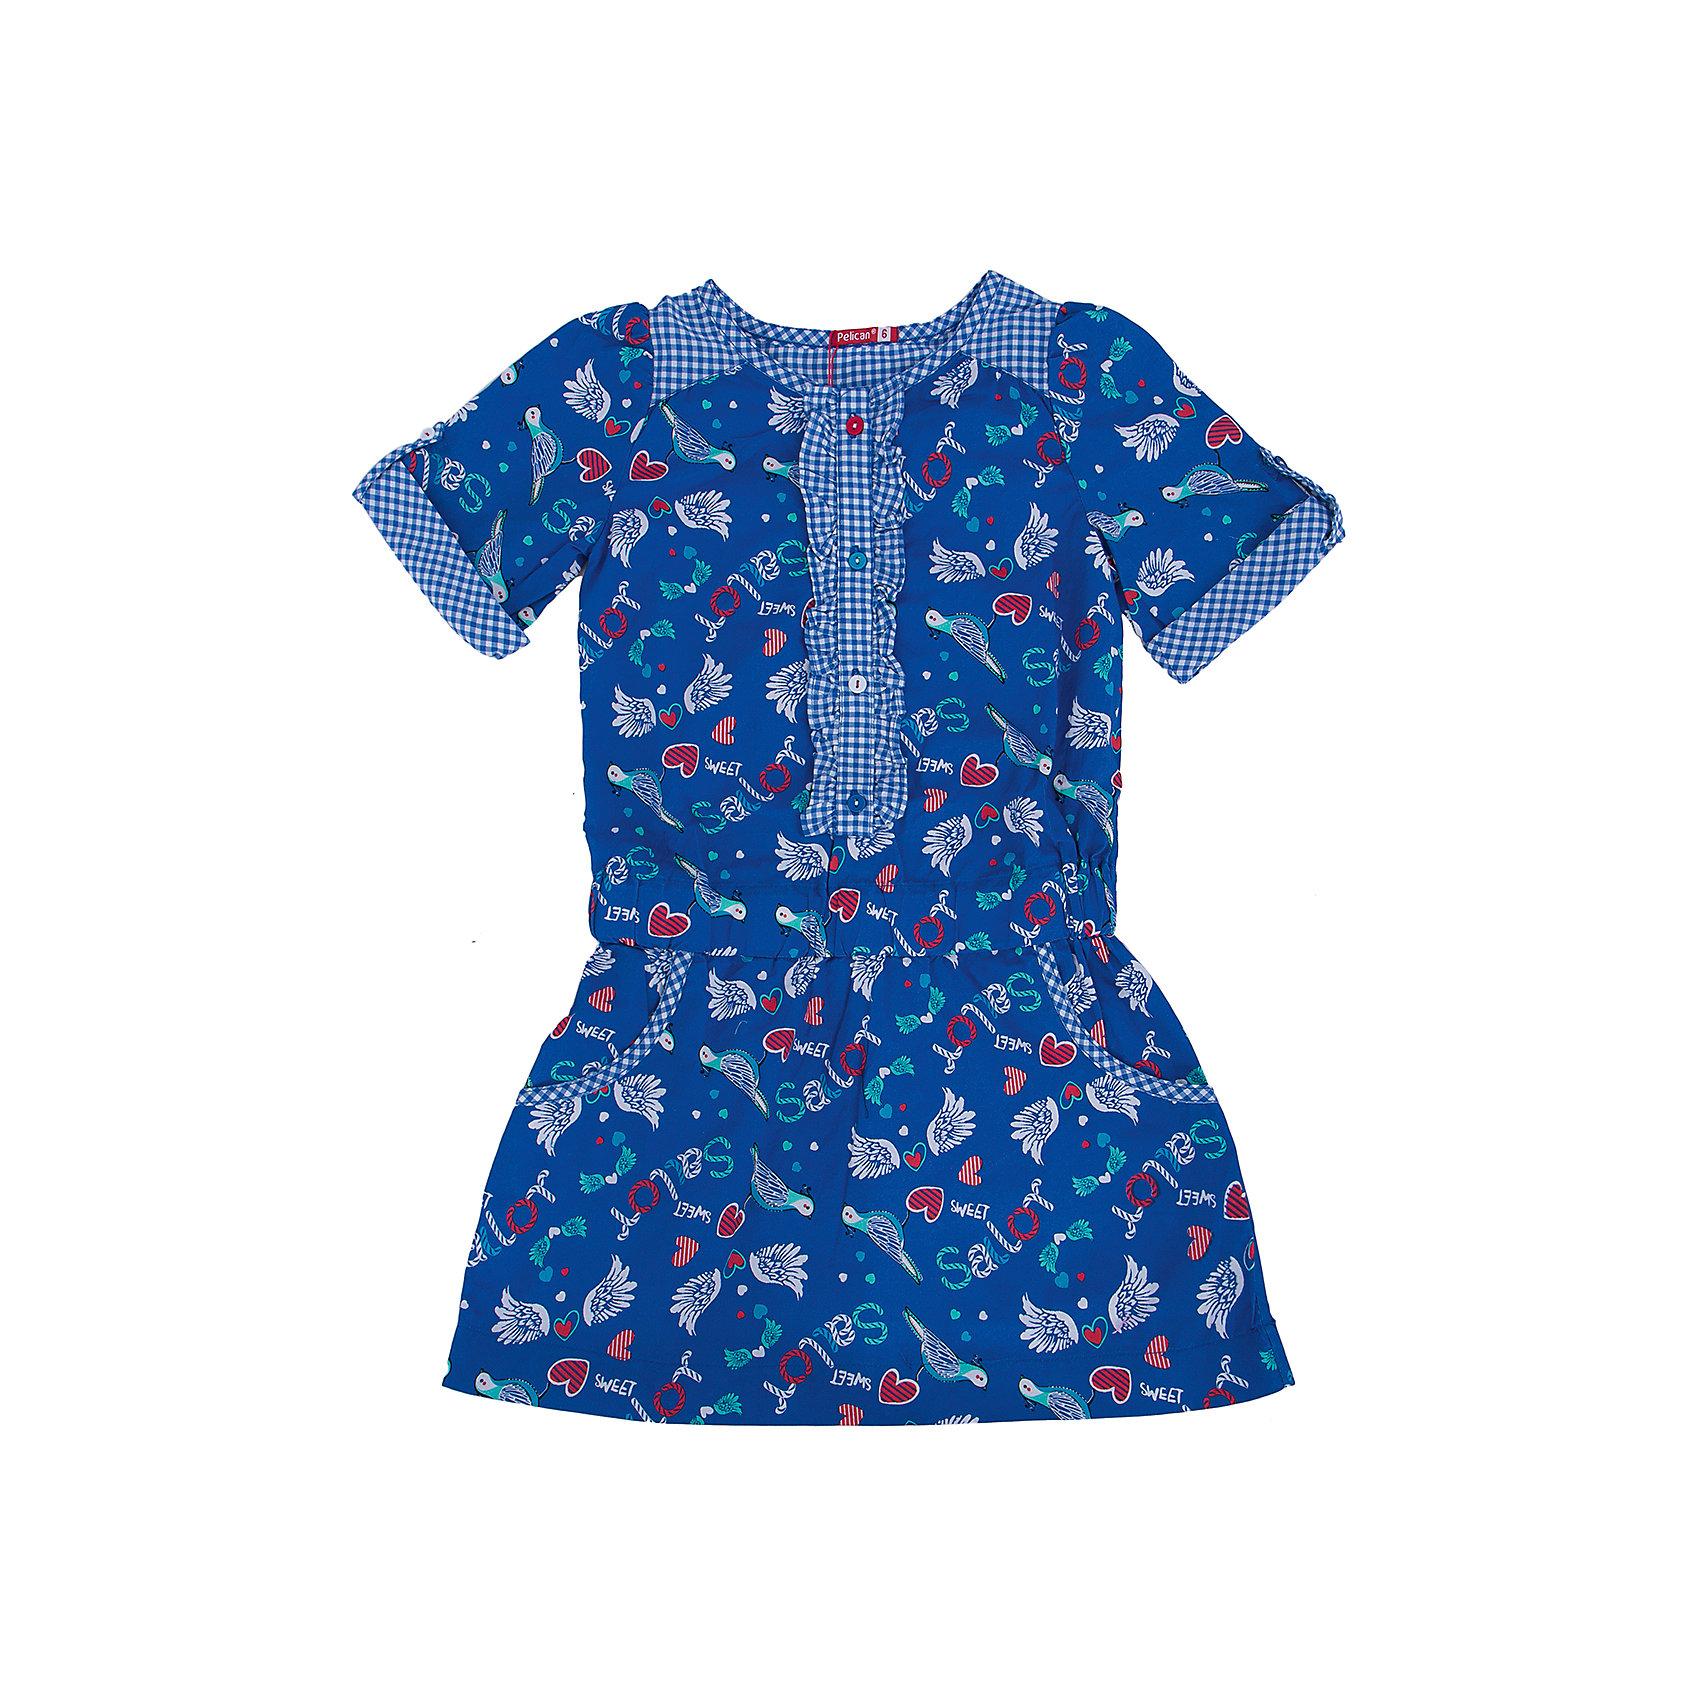 Платье для девочки PELICANУдобное и модное платье для девочки смотрится очень нарядно. Оно поможет разнообразить гардероб ребенка, создать подходящий погоде ансамбль. Удобный крой и качественный материал обеспечат ребенку комфорт при ношении этих вещей. <br>Платье декорировано ярким принтом и оборками. Рукава короткие. Они и горловина обработаны клетчатой тканью. Материал платья состоит из дышащего натурального хлопка, гипоаллергенного, отлично подходящего для детской одежды. <br><br>Дополнительная информация:<br><br>материал: 100% хлопок;<br>цвет: синий;<br>карманы;<br>декорировано оборками и принтом.<br><br>Платье для девочки от бренда PELICAN (Пеликан) можно купить в нашем магазине.<br><br>Ширина мм: 236<br>Глубина мм: 16<br>Высота мм: 184<br>Вес г: 177<br>Цвет: синий<br>Возраст от месяцев: 60<br>Возраст до месяцев: 72<br>Пол: Женский<br>Возраст: Детский<br>Размер: 116,98,104,110<br>SKU: 4805164